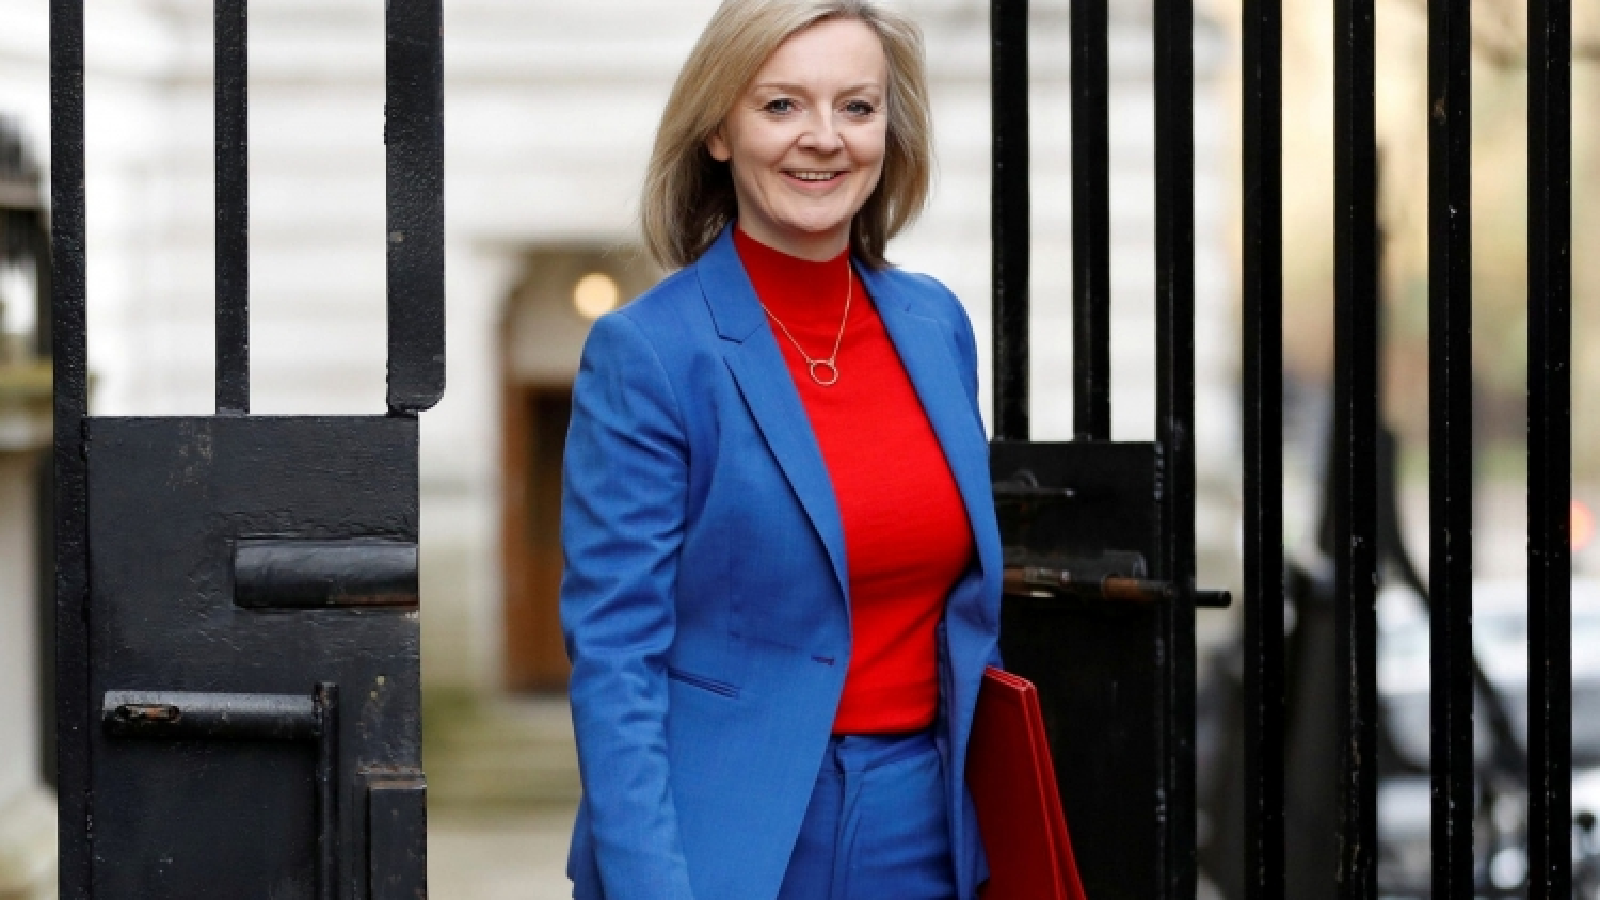 Nộp đơn gia nhập CPTPP: Cơ hội nào cho nước Anh?